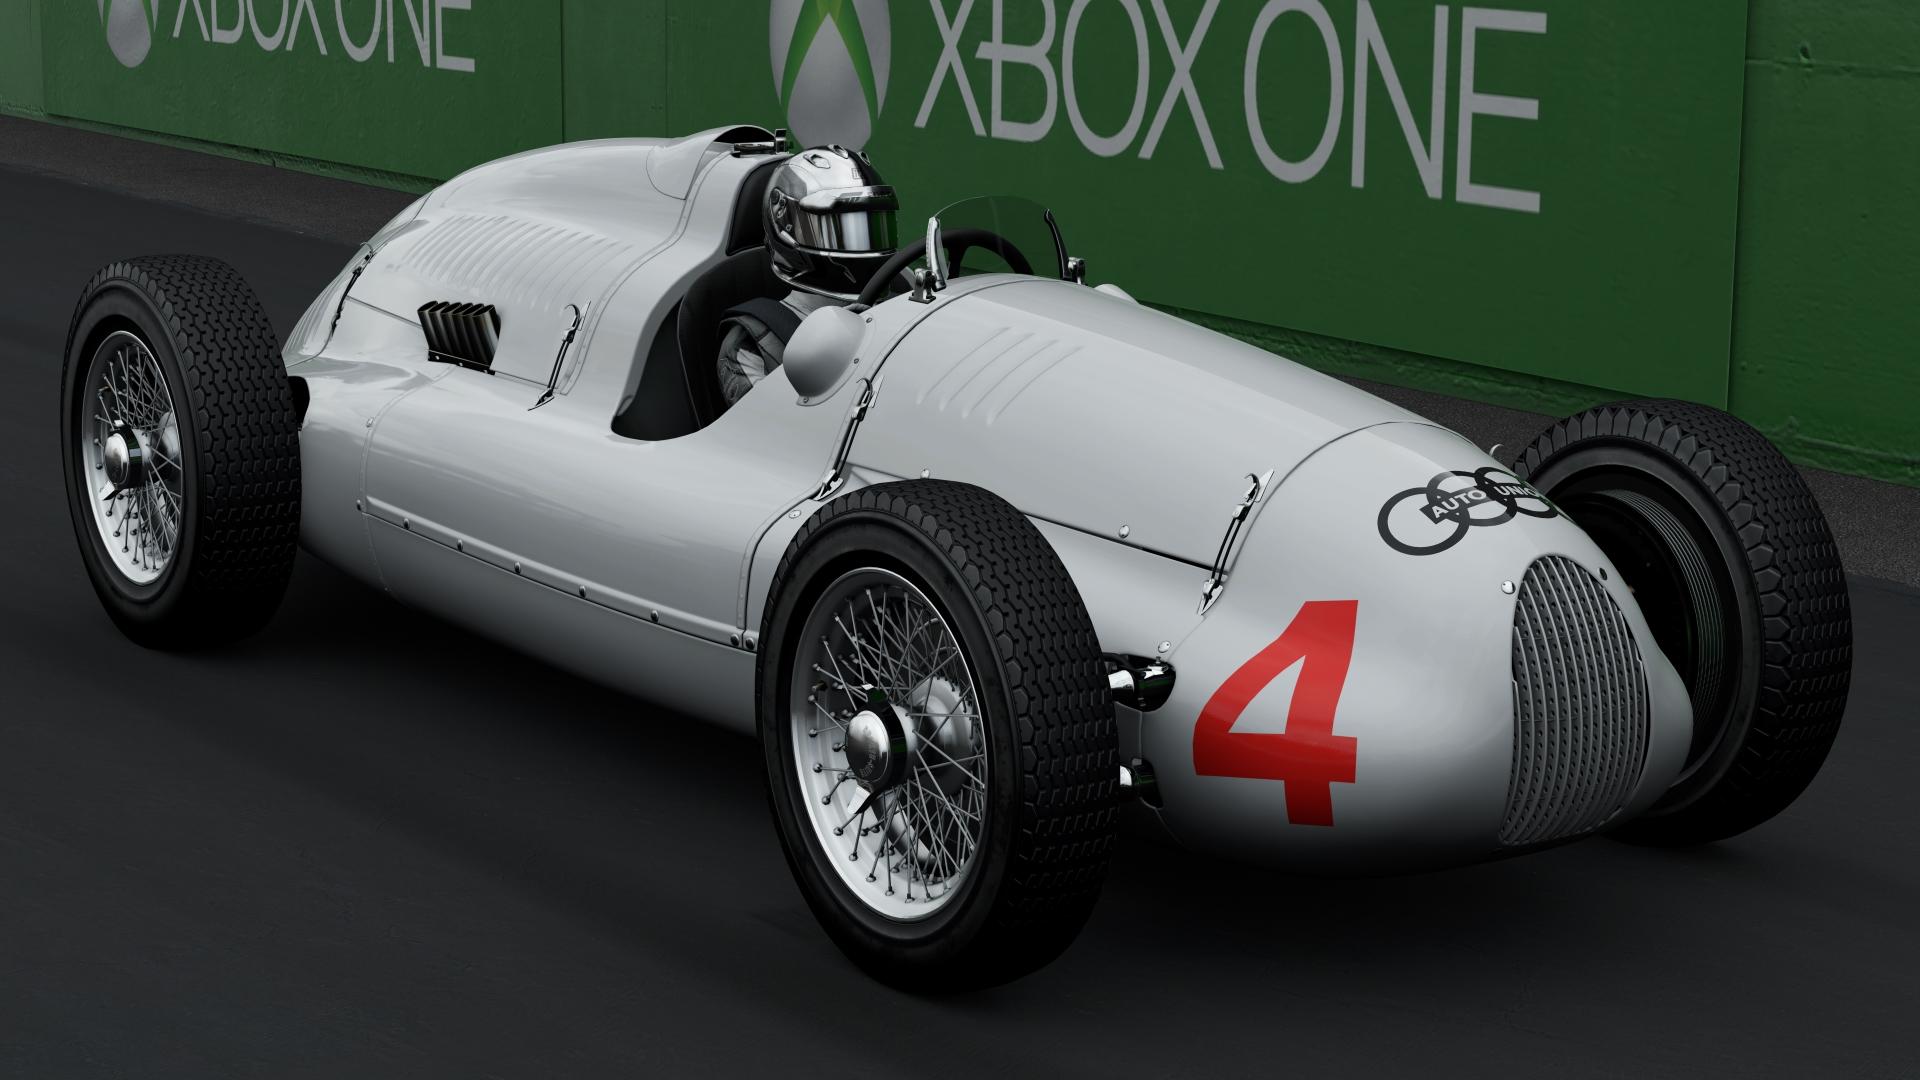 auto union type d forza motorsport wiki fandom powered by wikia